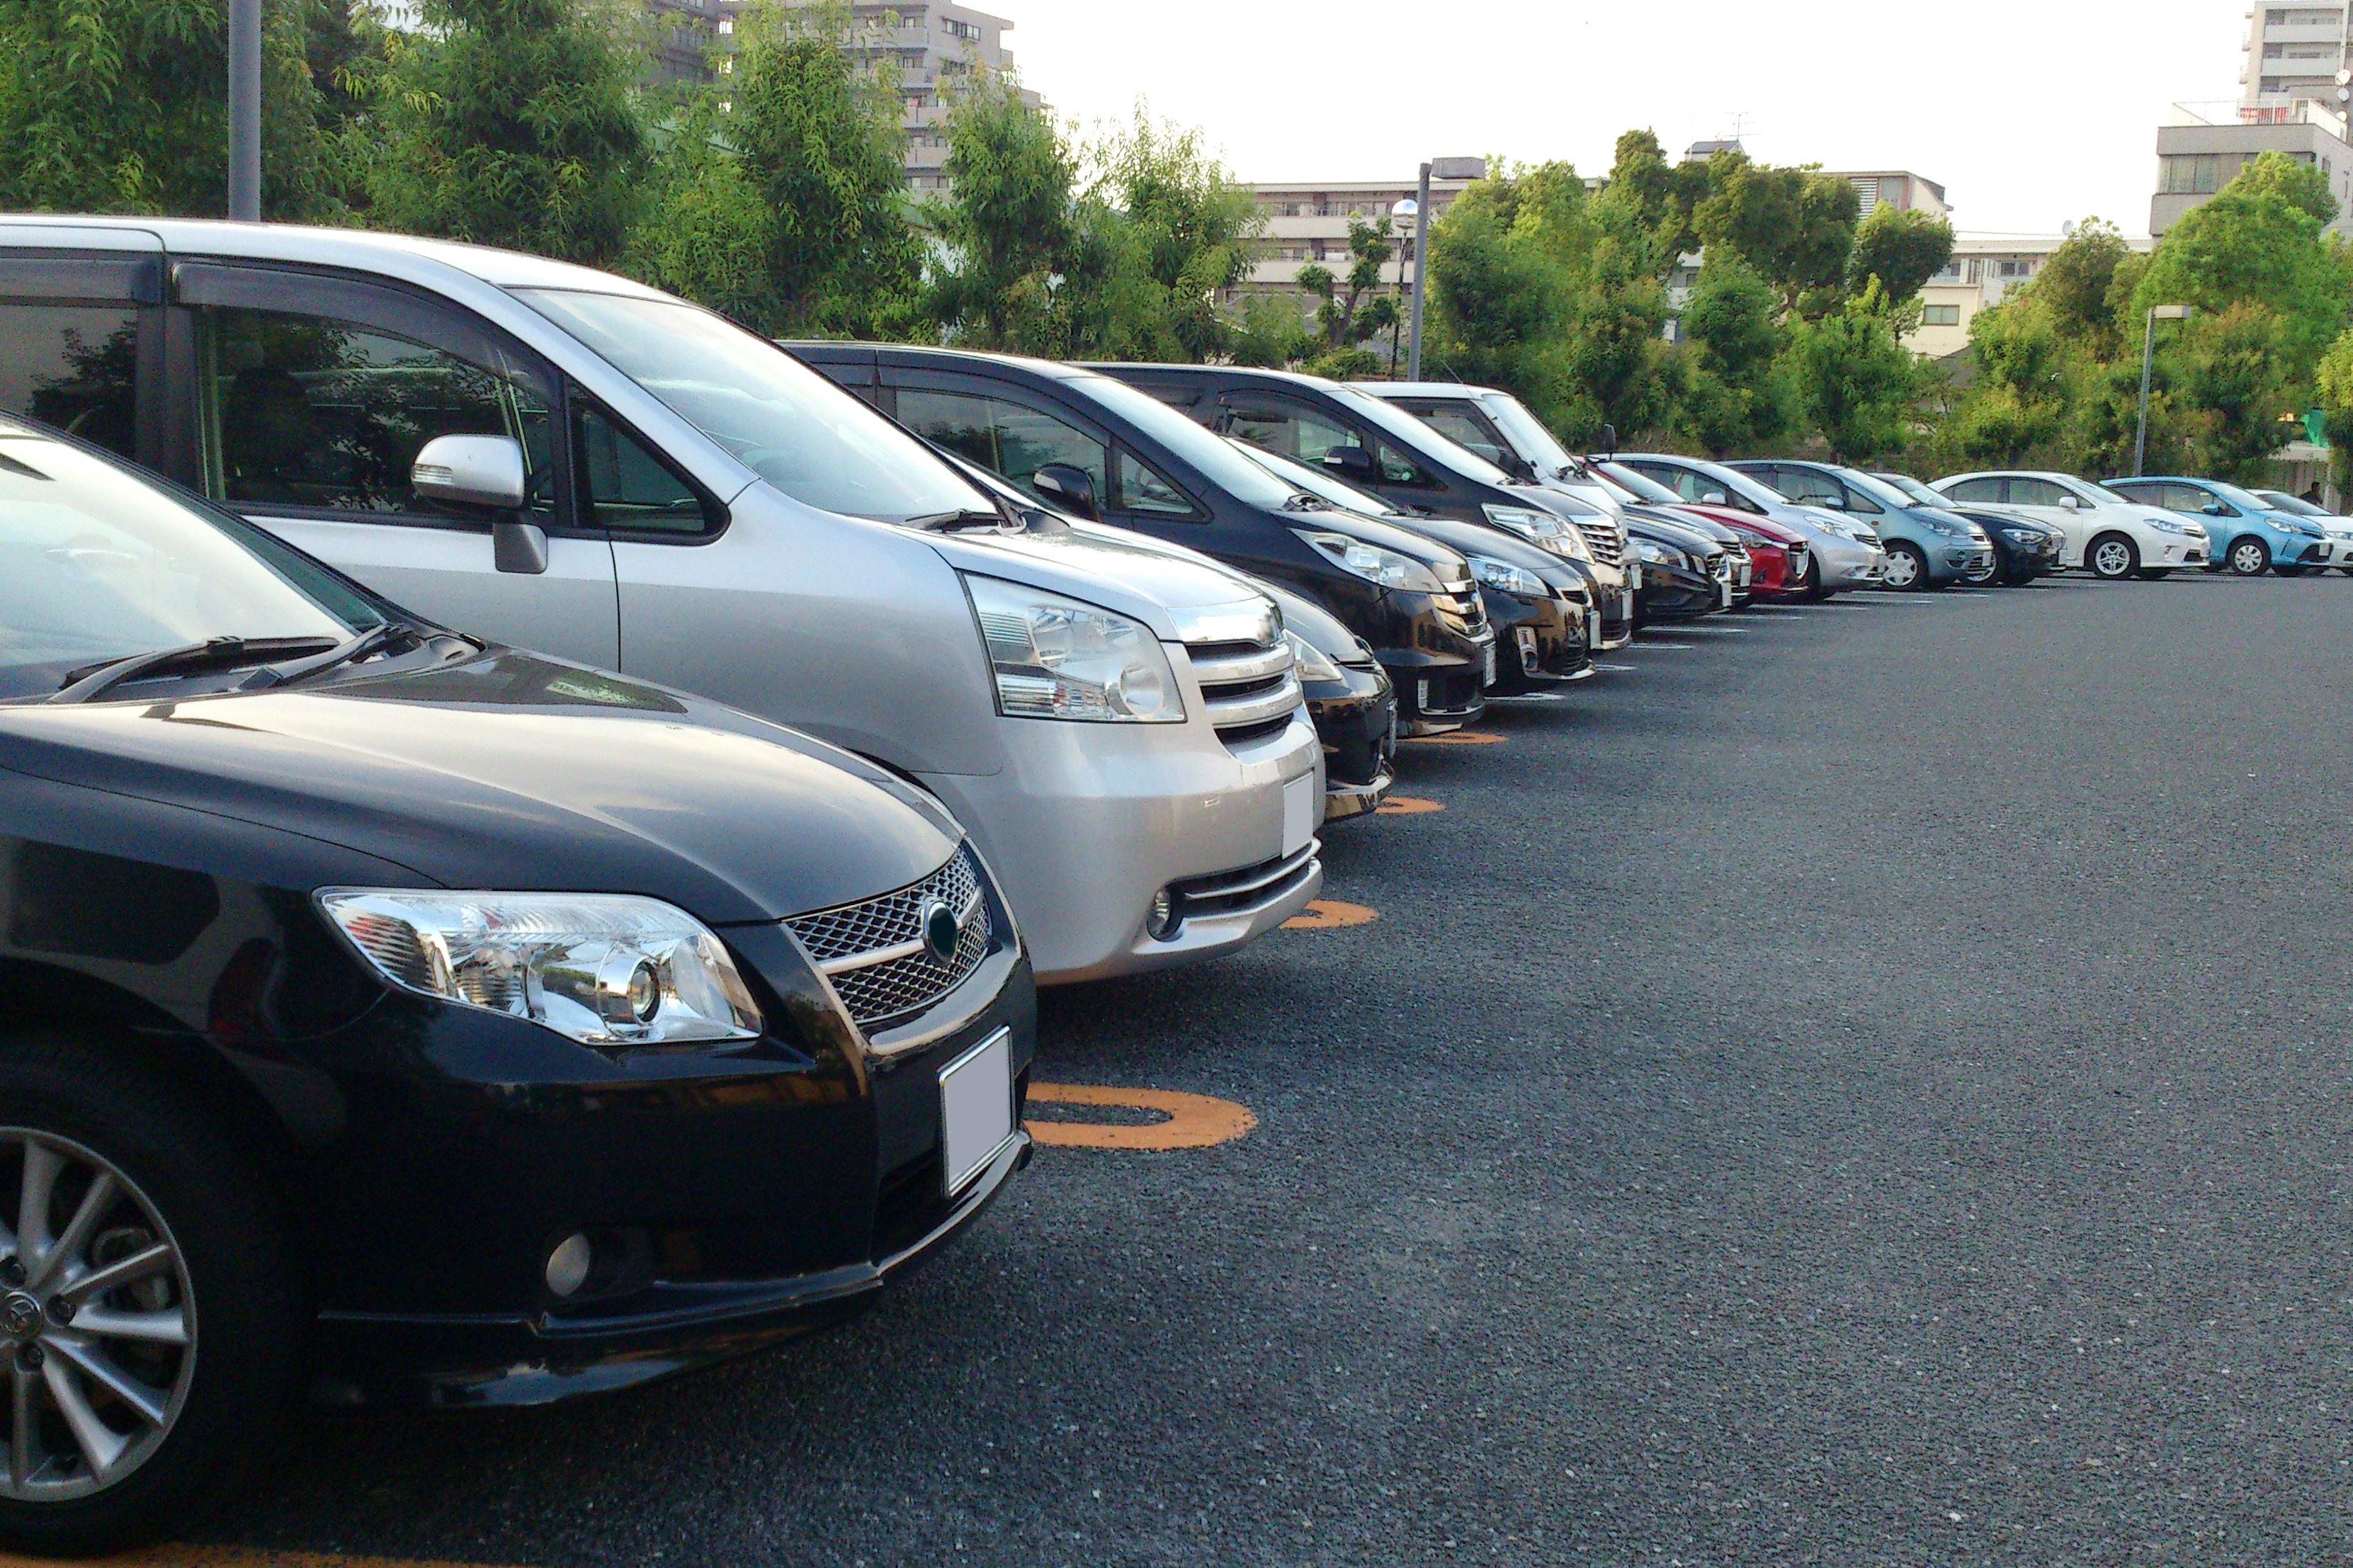 静岡県内の車庫証明の申請方法から受け取りまで行政書士が徹底解説!